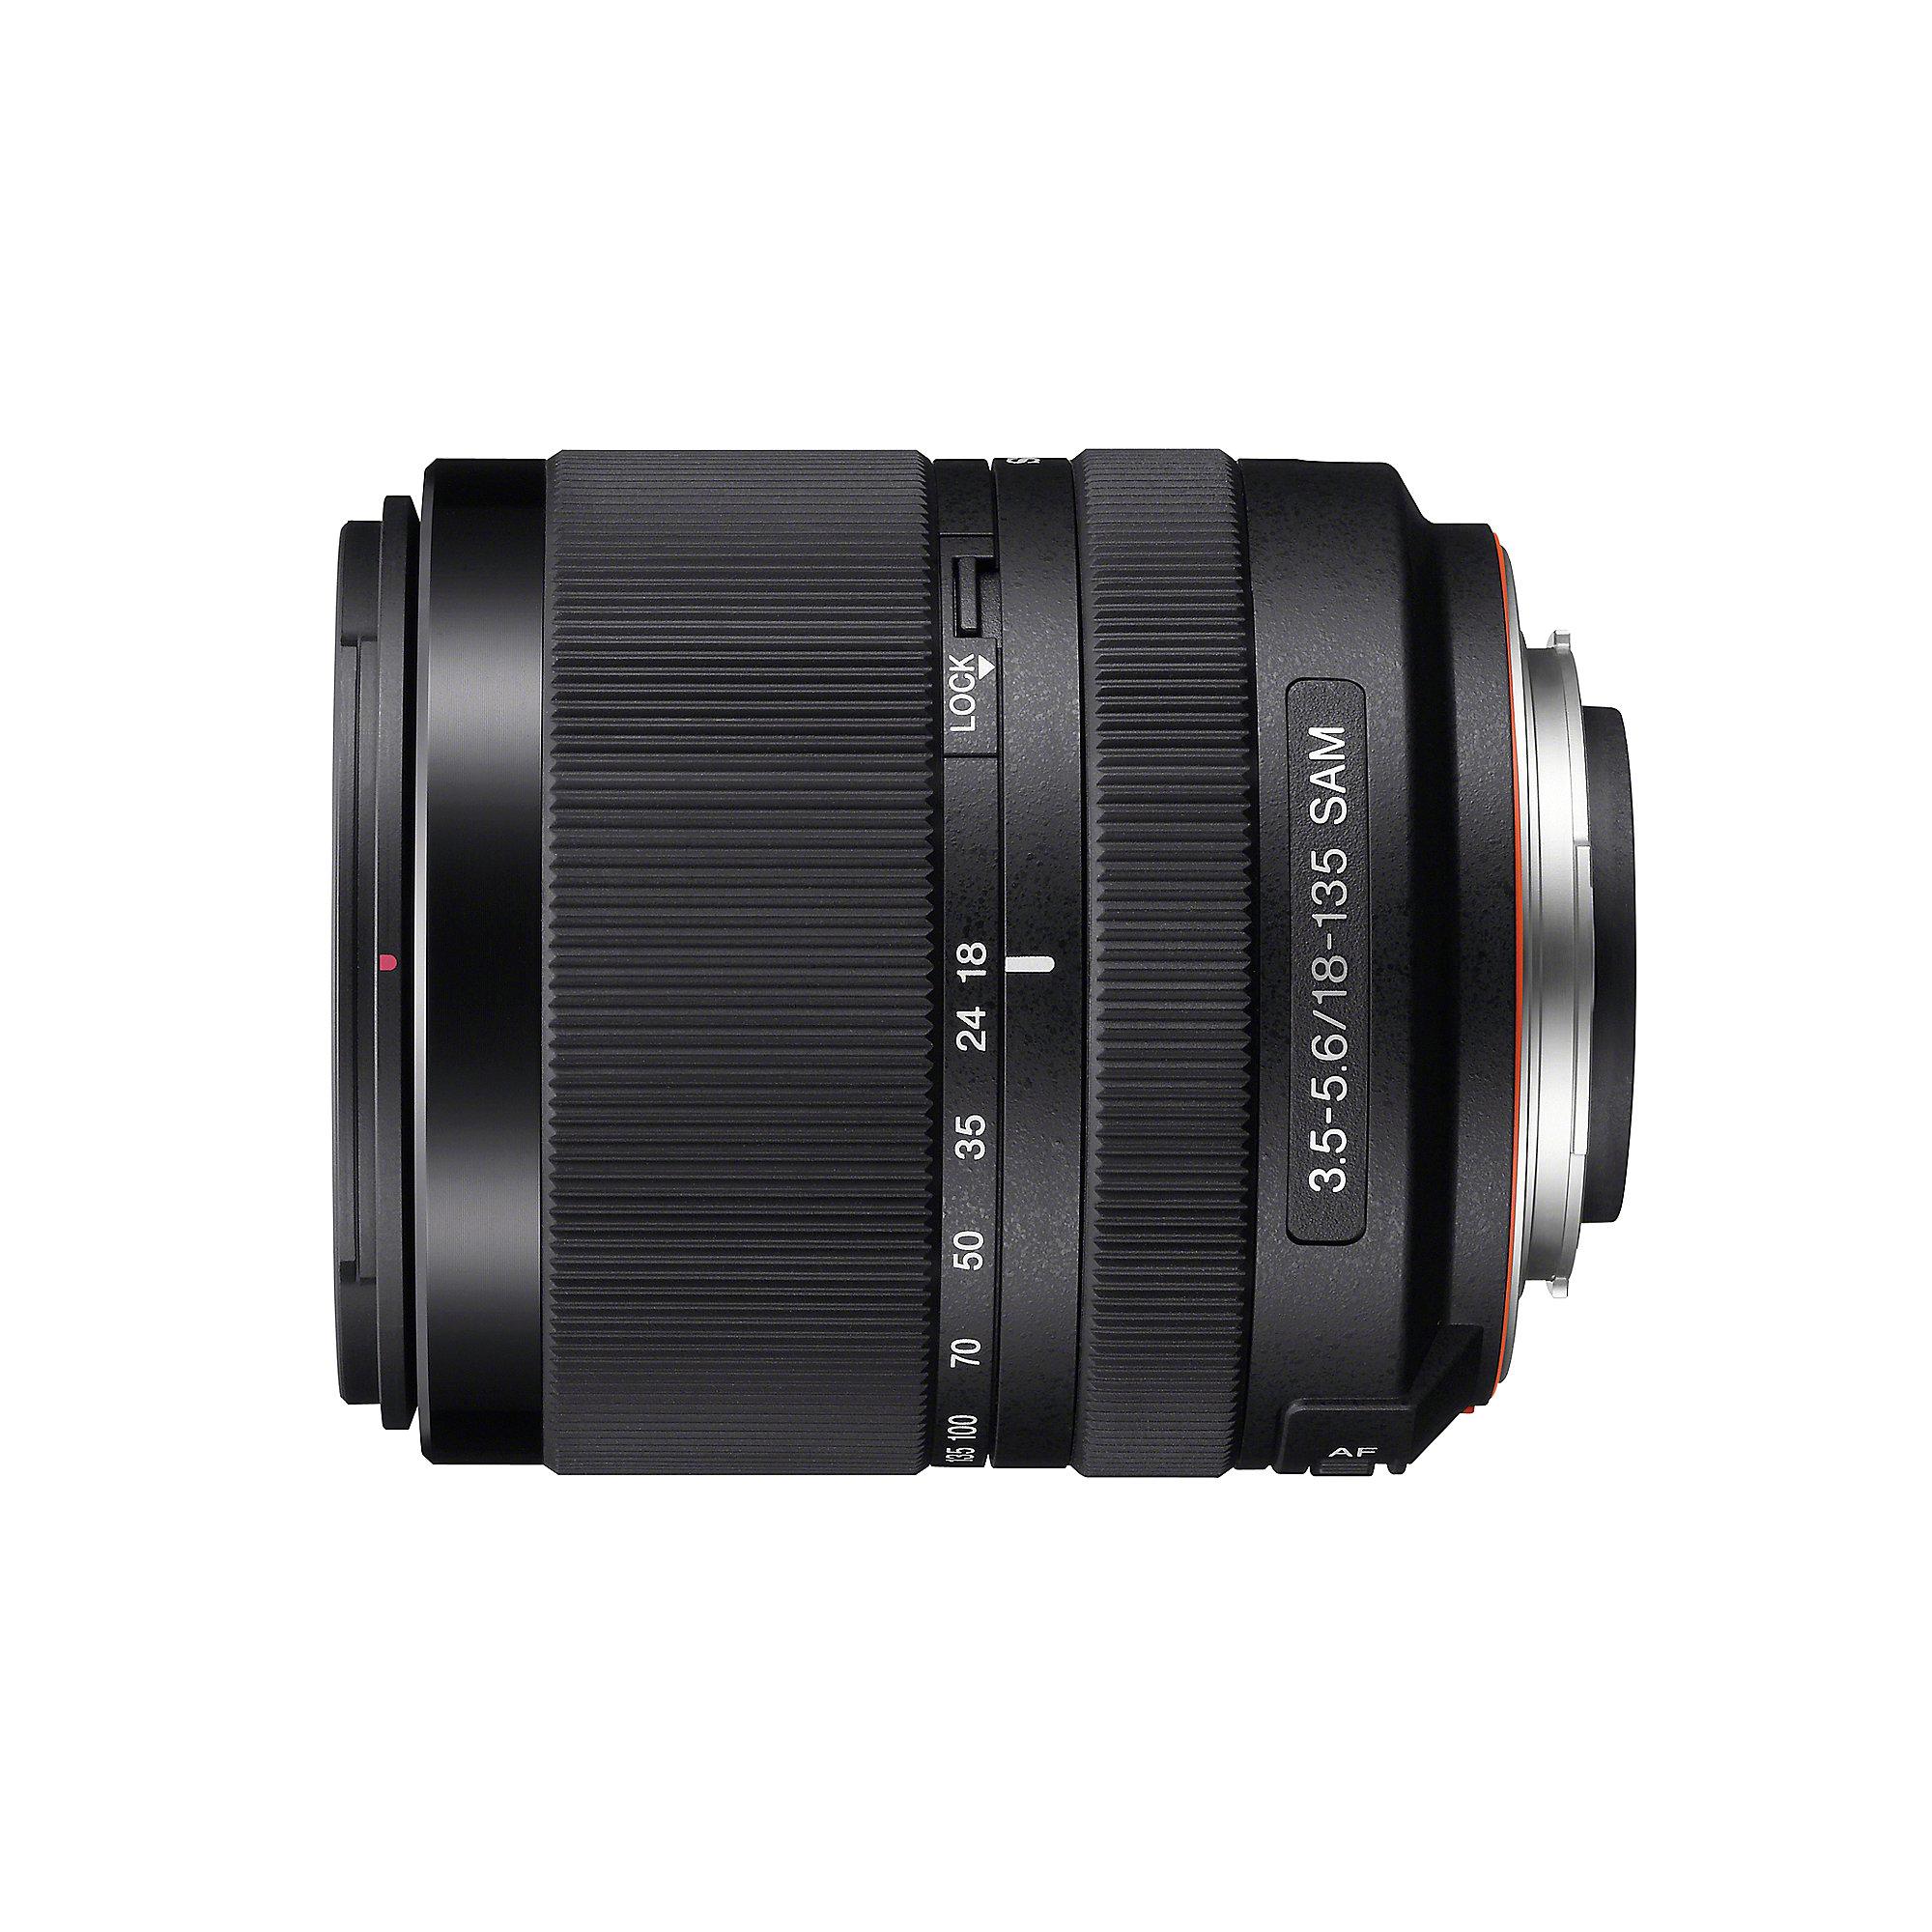 Sony 18-135mm 3.5-5.6 Reise Zoom Objektiv (SAL-18135) ++ Cyberport